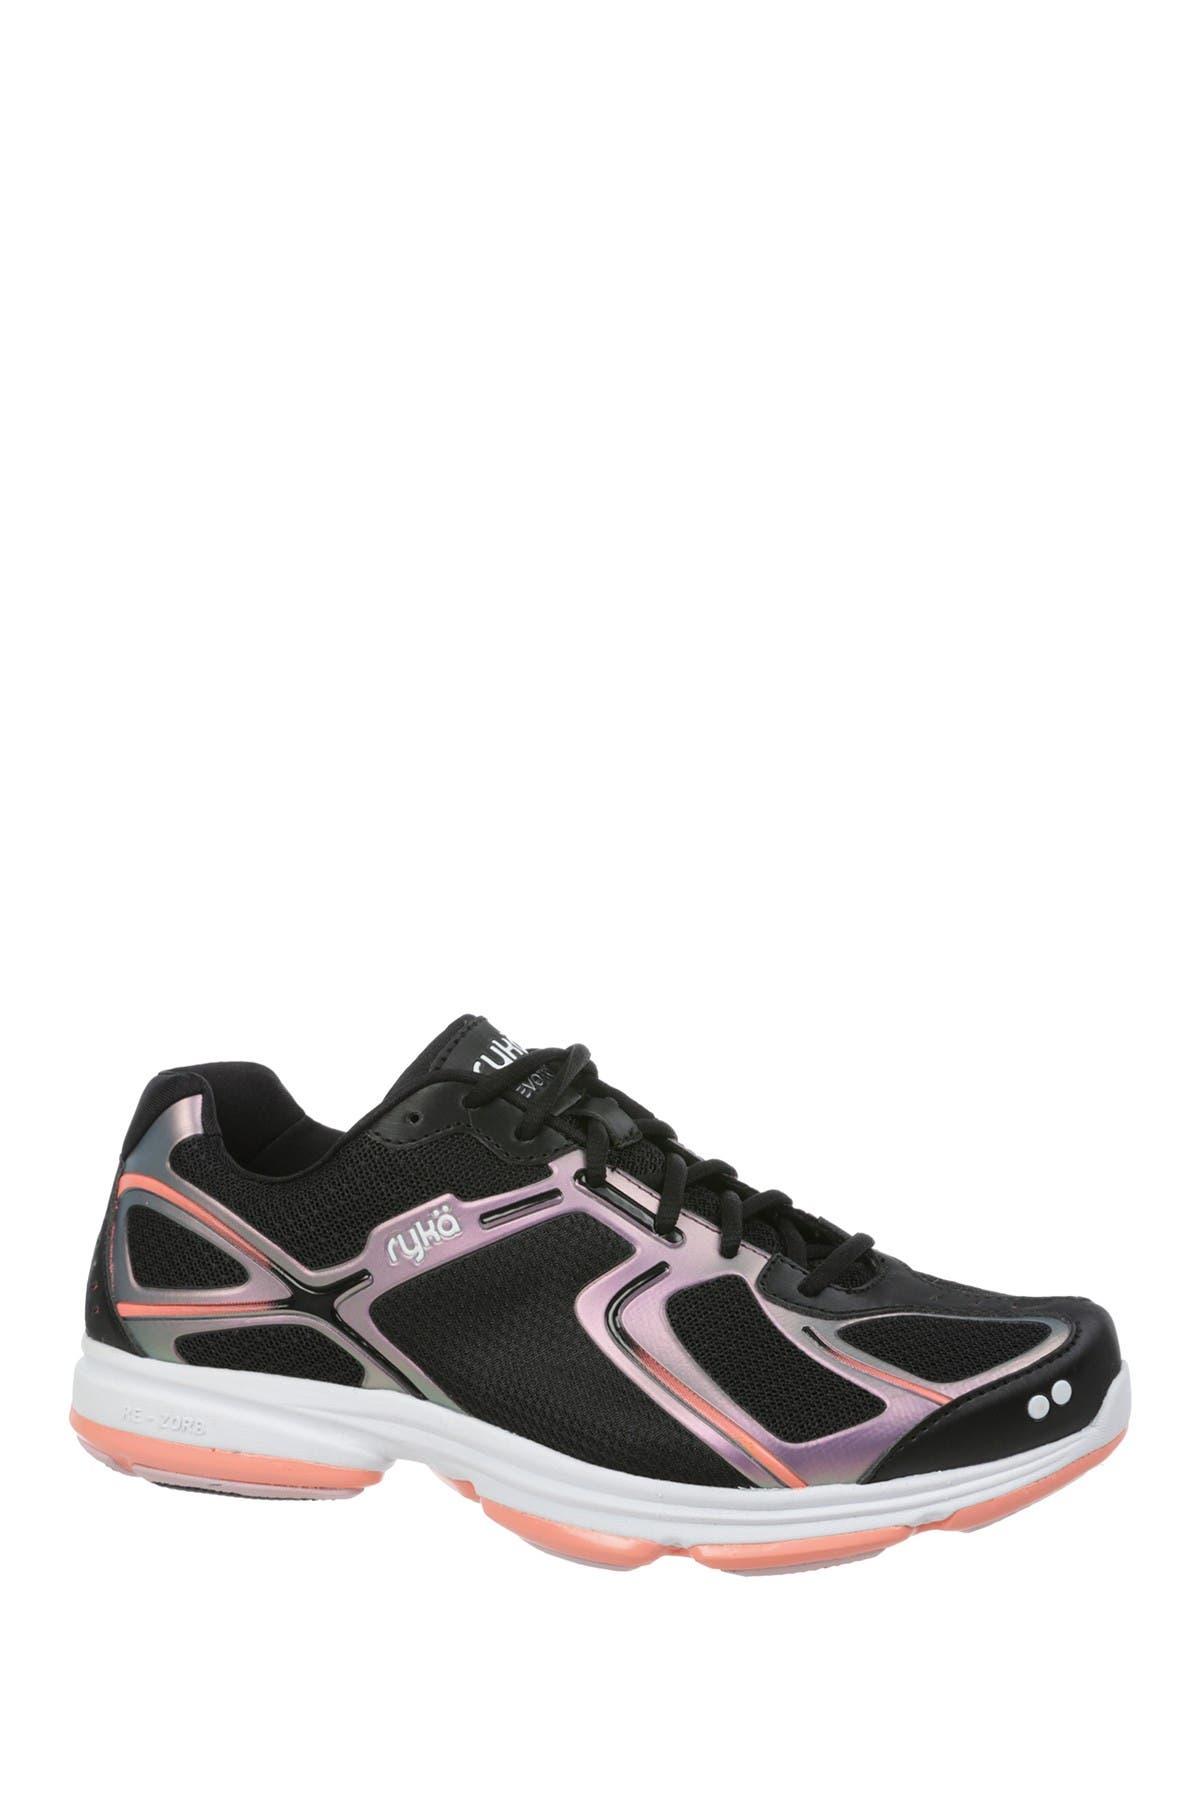 Ryka   Devotion Walking Sneaker - Wide